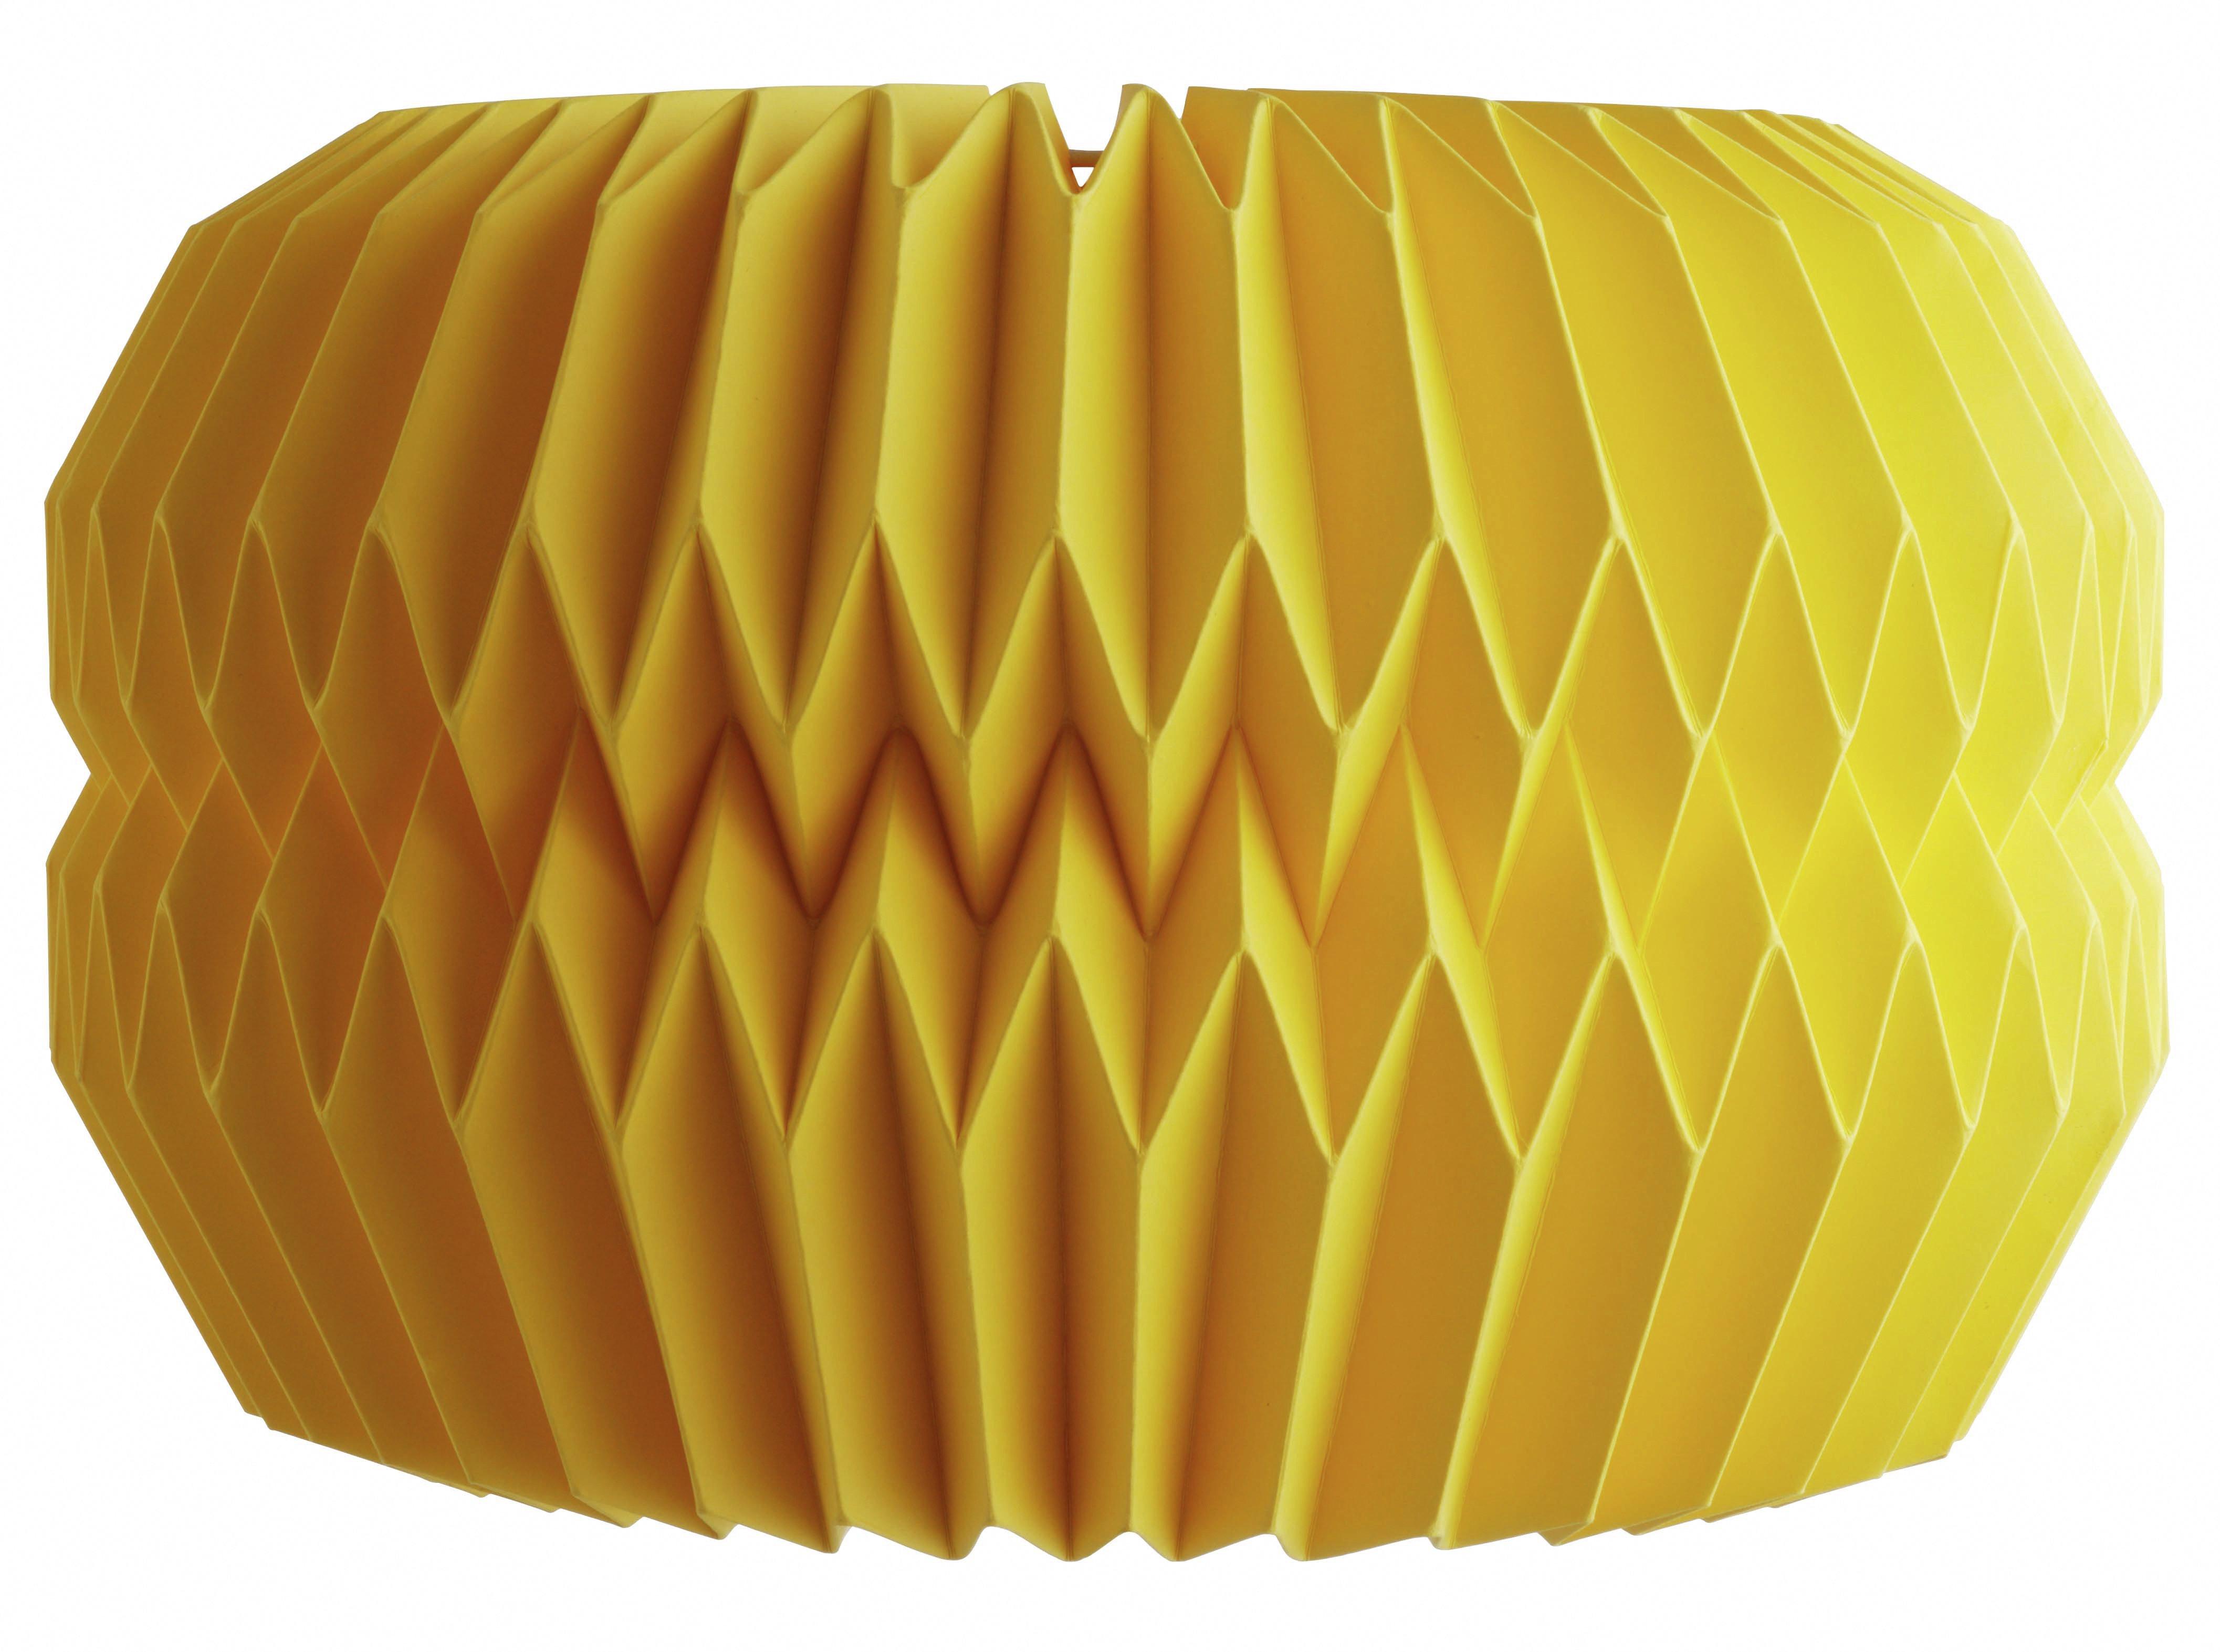 Habitat Kura 42x27cm Paper Drum Shade - Yellow.